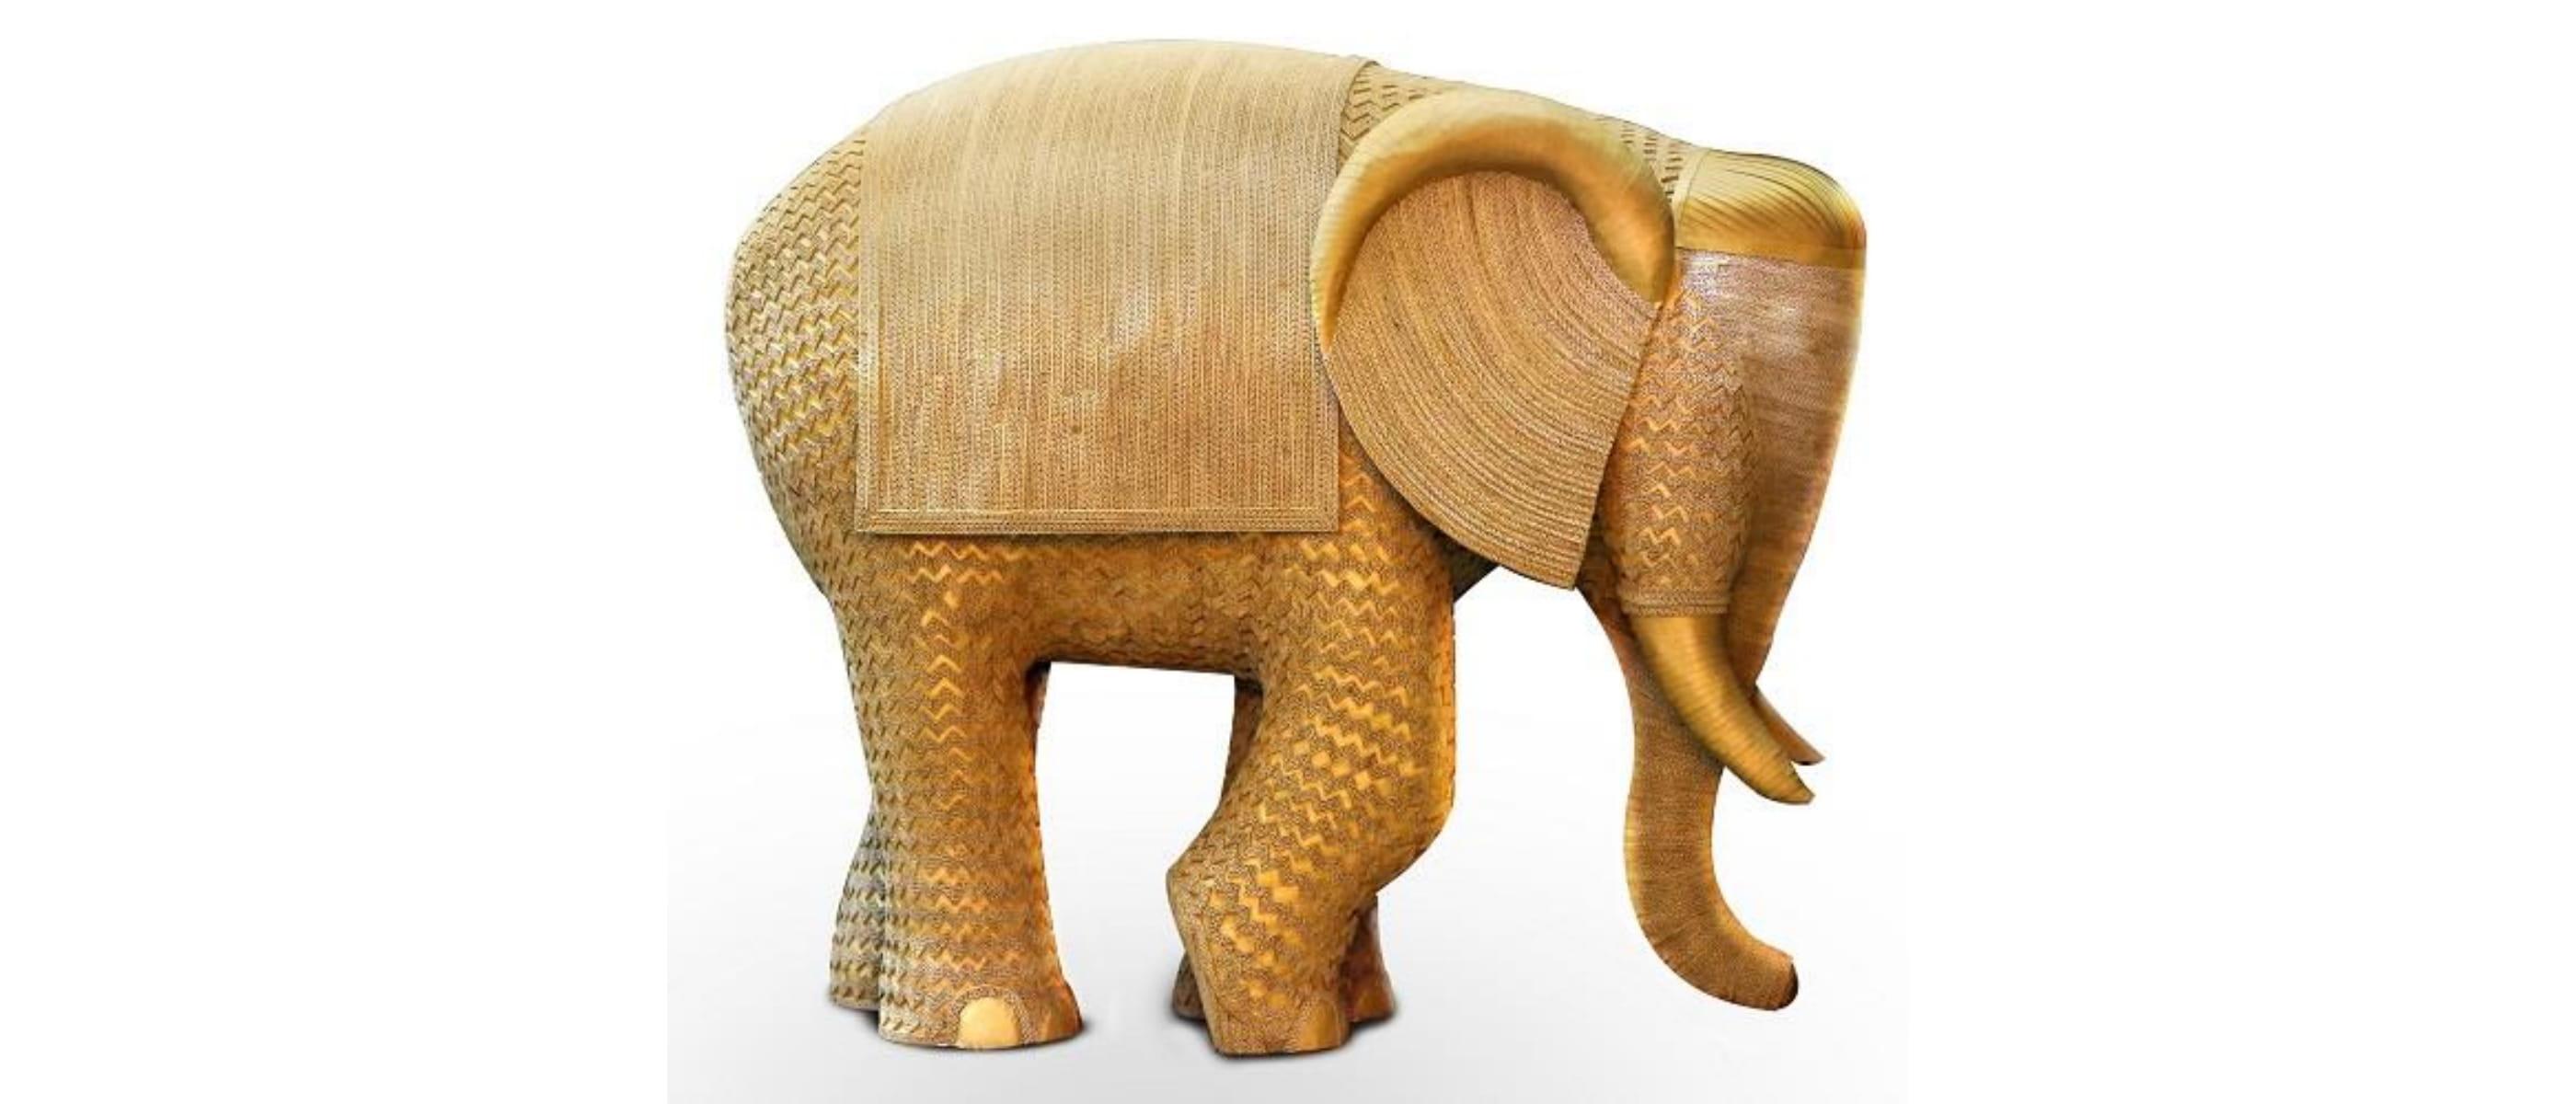 Gajodhar - Gajmahotsav - GajYatra - Cardboard Elephant